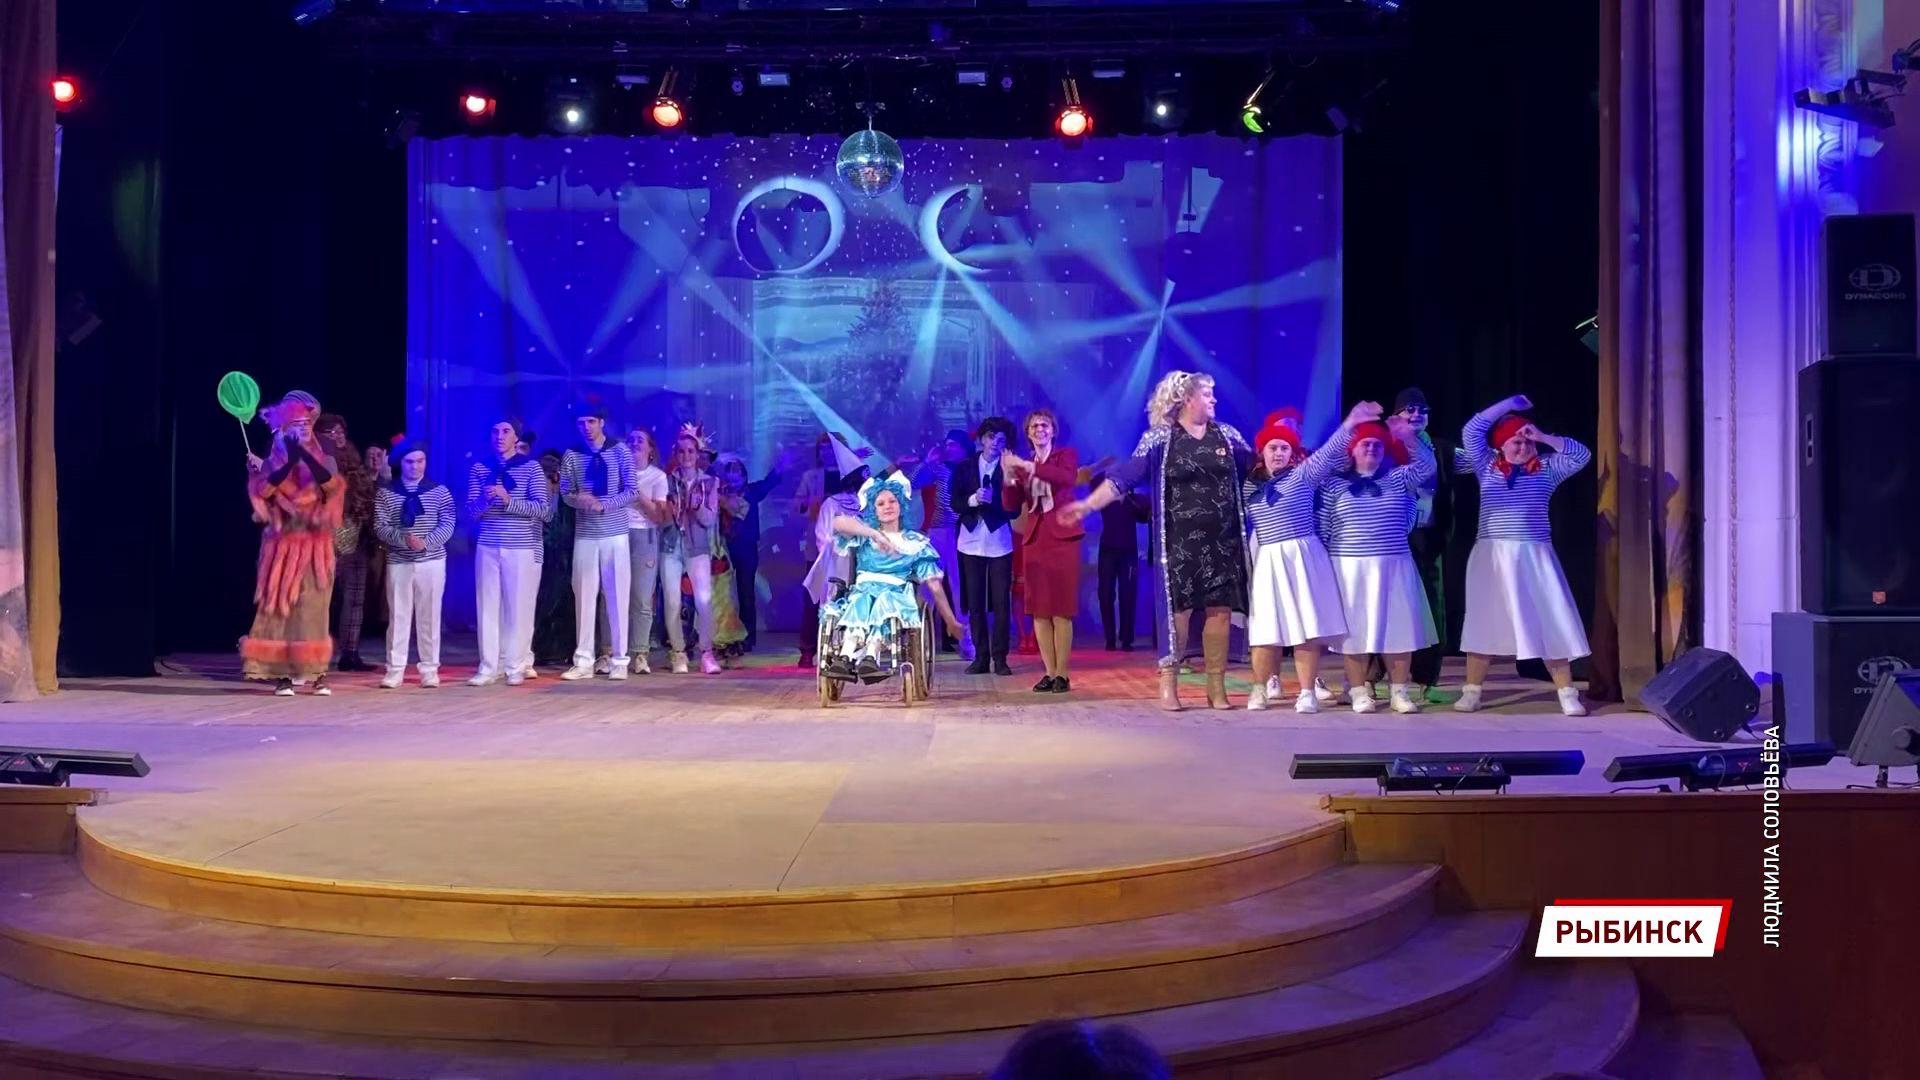 «Доброта в лицах»: труппа из известных ярославских артистов и особенных детей отправились на первые гастроли